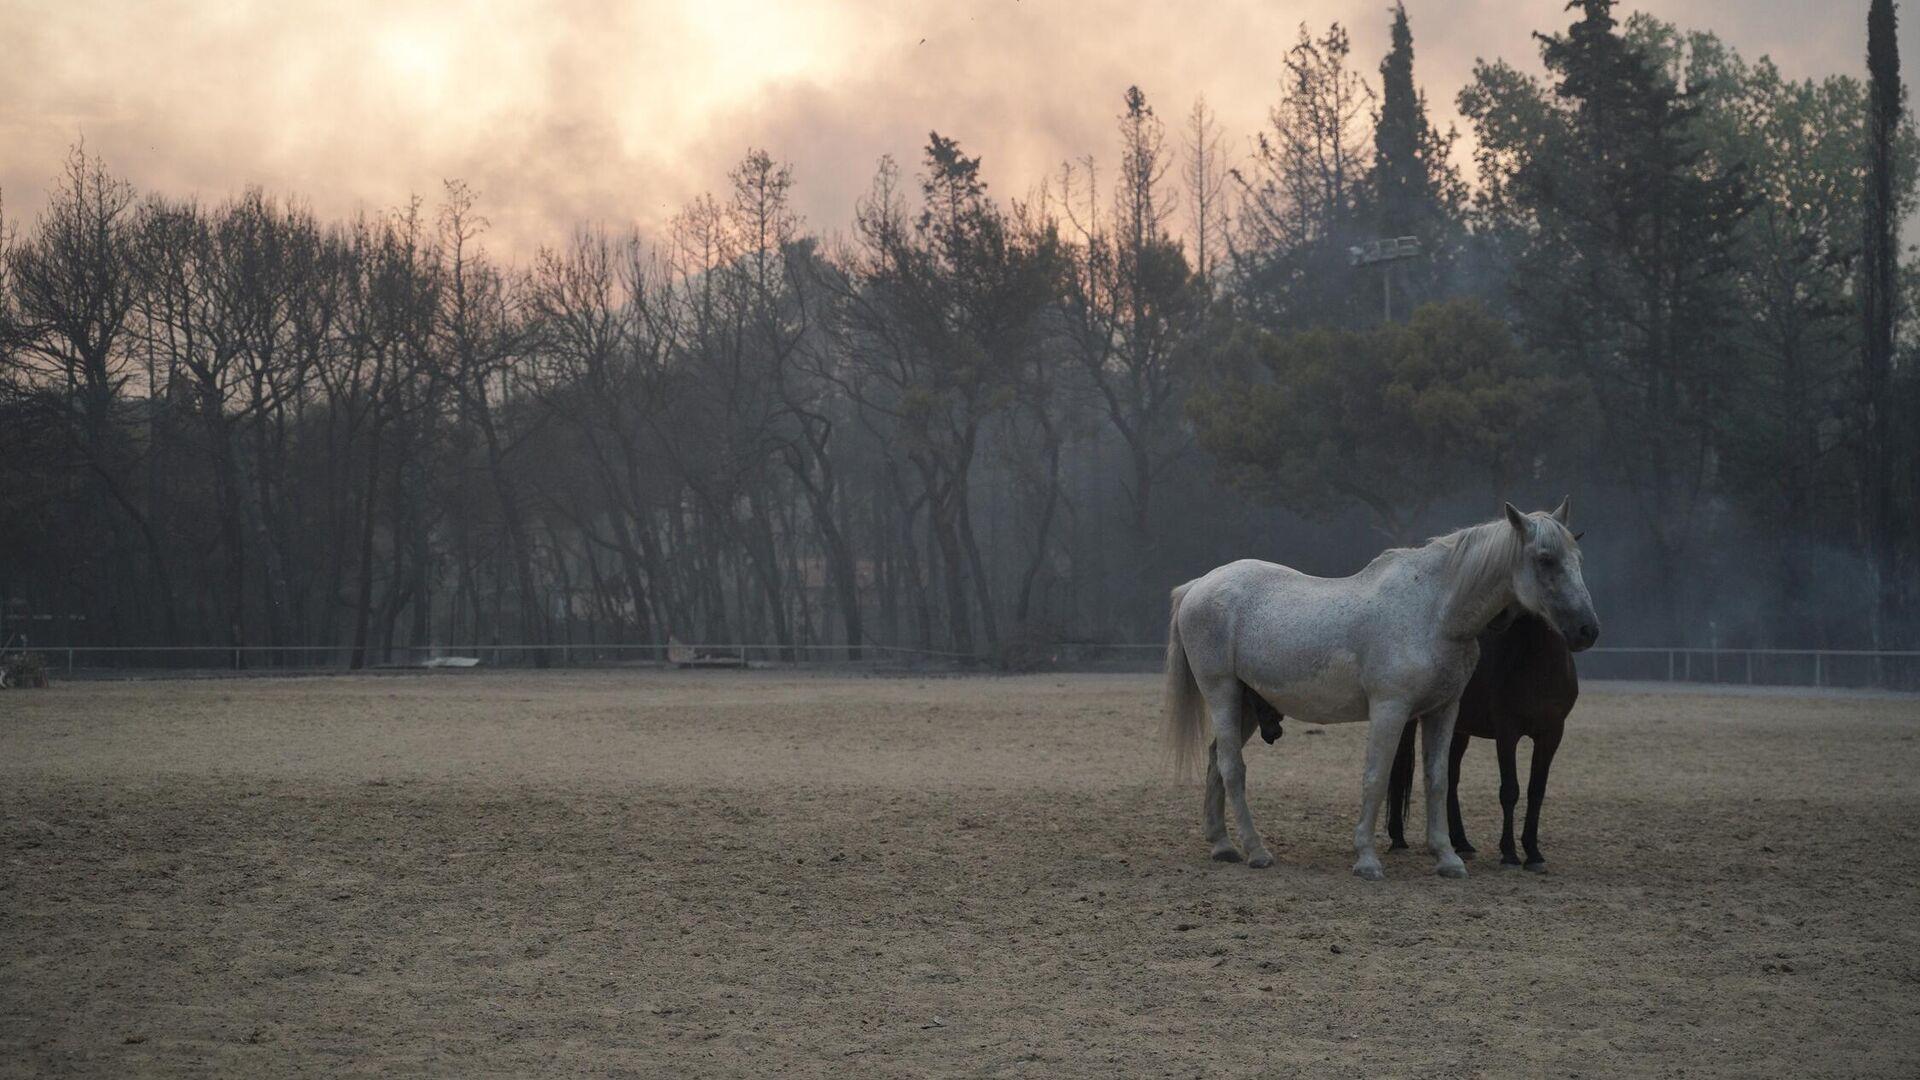 Άλογα προσπαθούν να γλυτώσουν από τη φωτιά στη Βαρυμπόμπη - Sputnik Ελλάδα, 1920, 04.08.2021